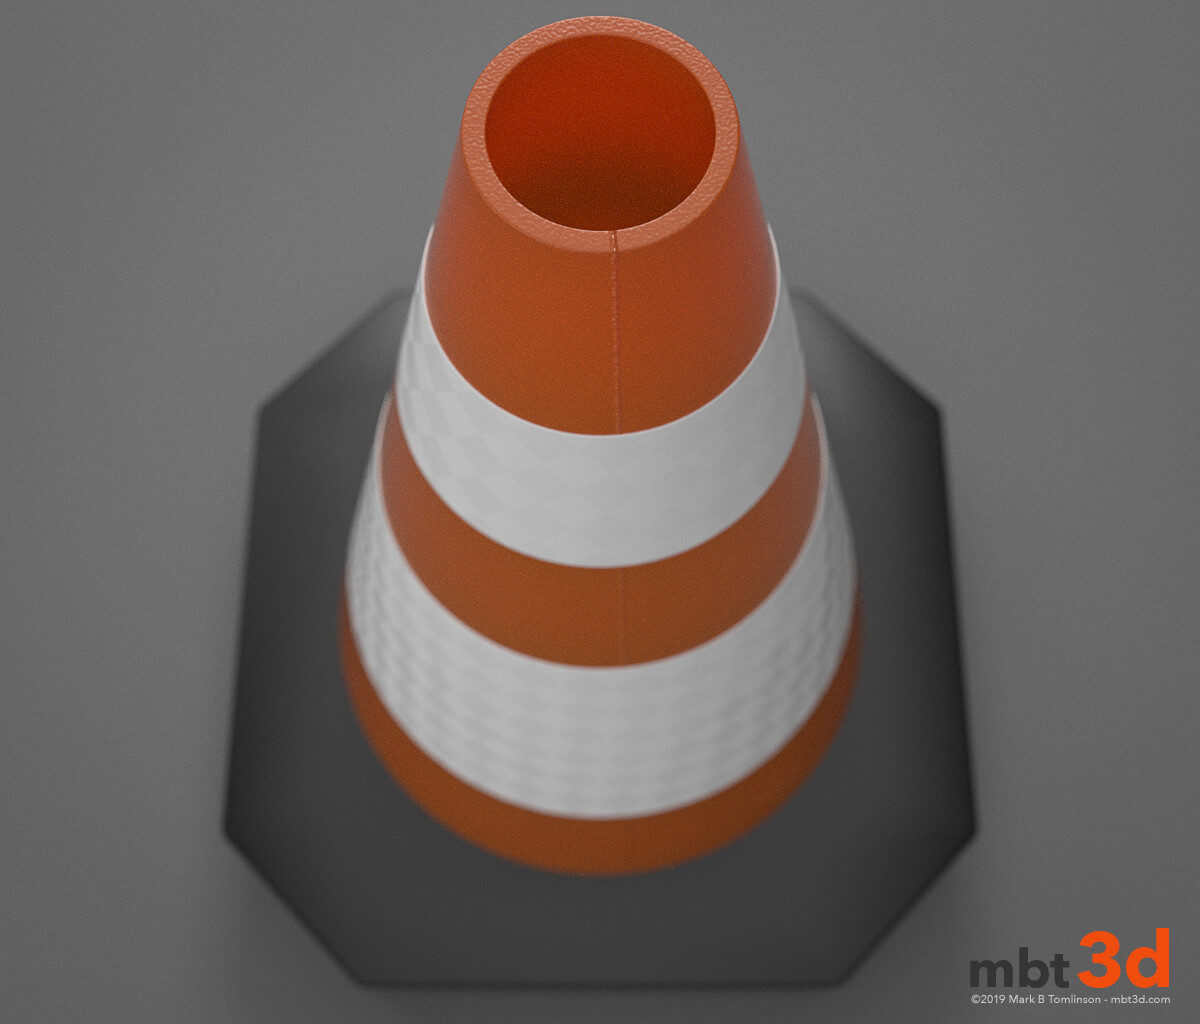 Mark b tomlinson cone 2019 02